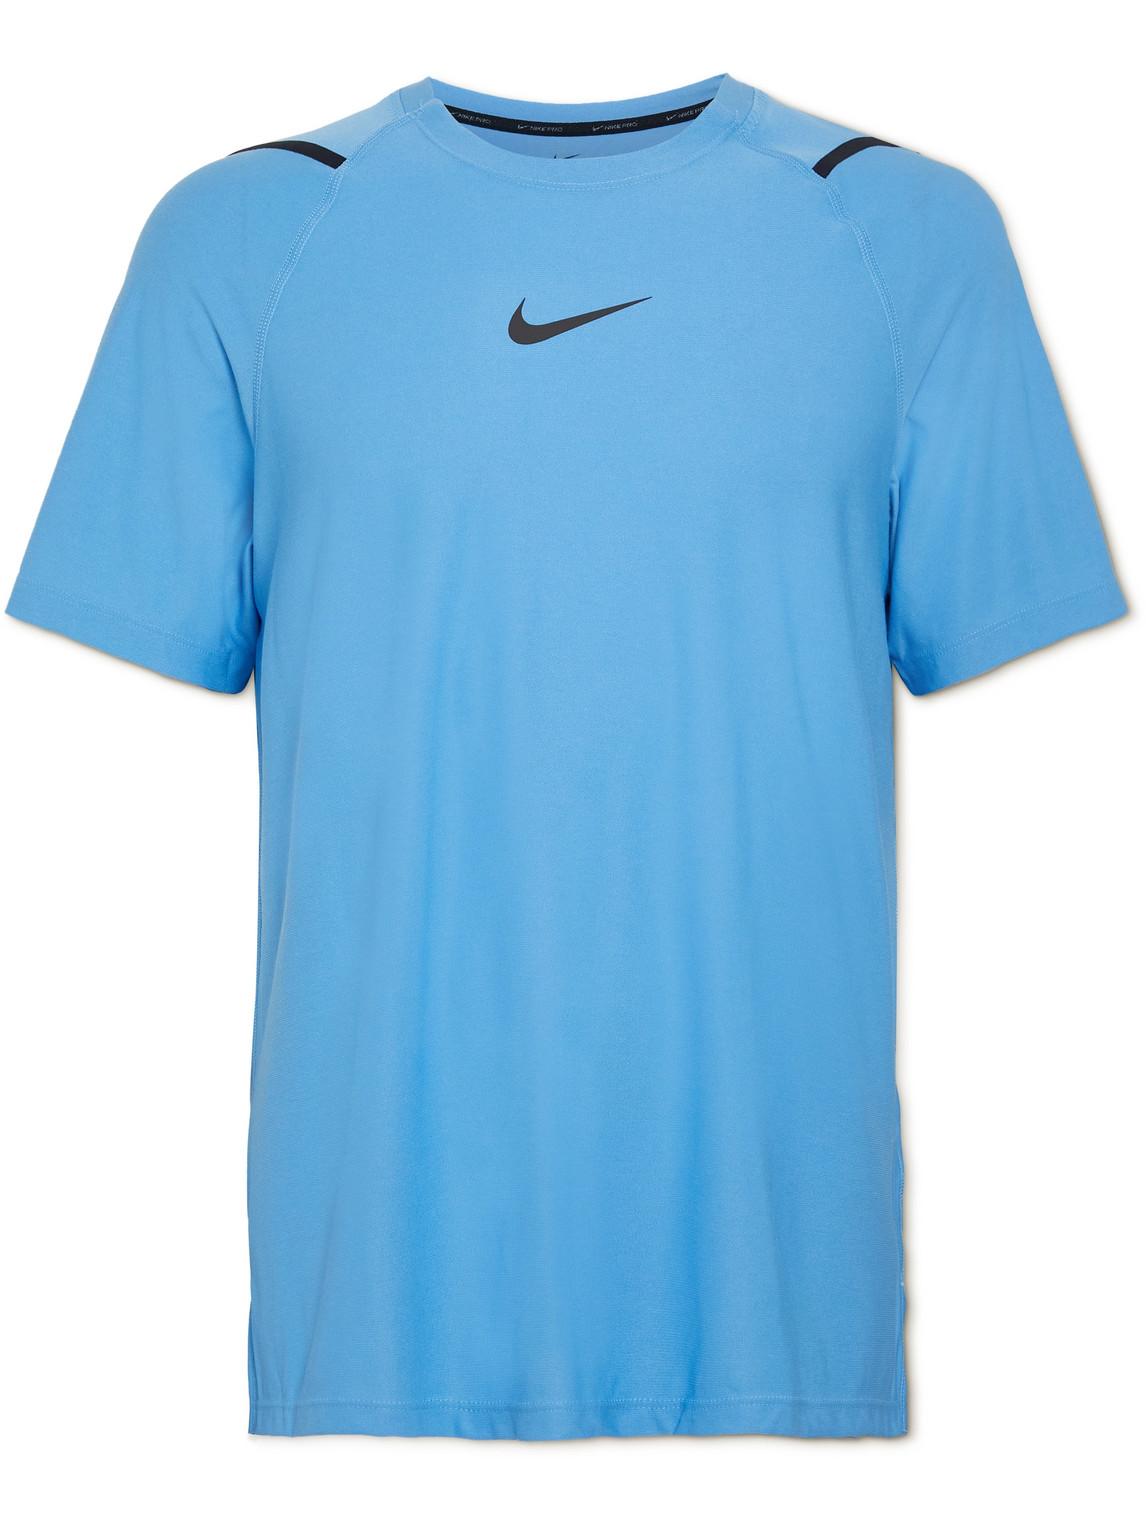 Nike Training - Pro Dri-Fit T-Shirt - Men - Blue - S